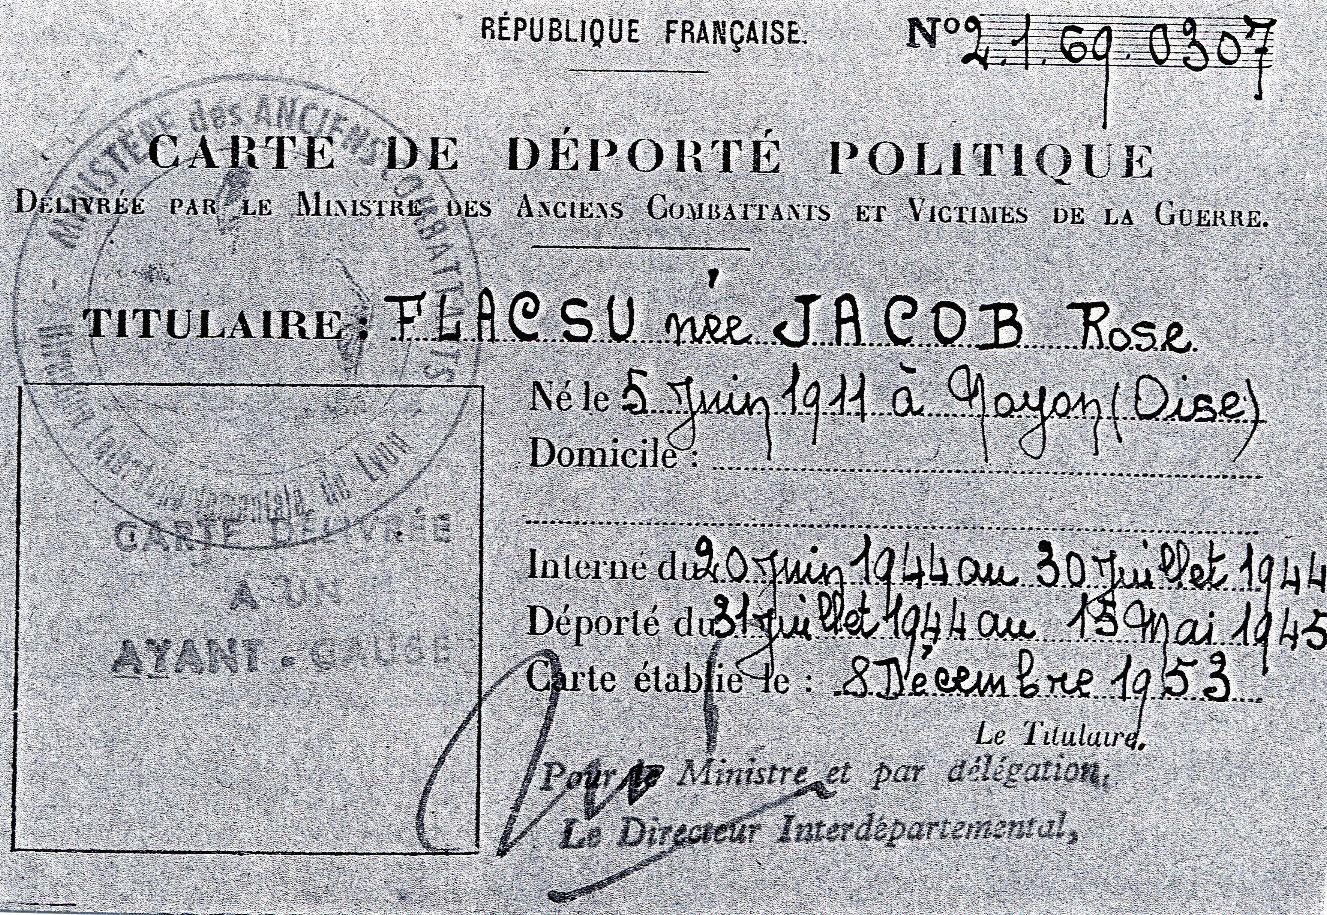 Carte de déportée politique de Rose, Flacsu, Lyon